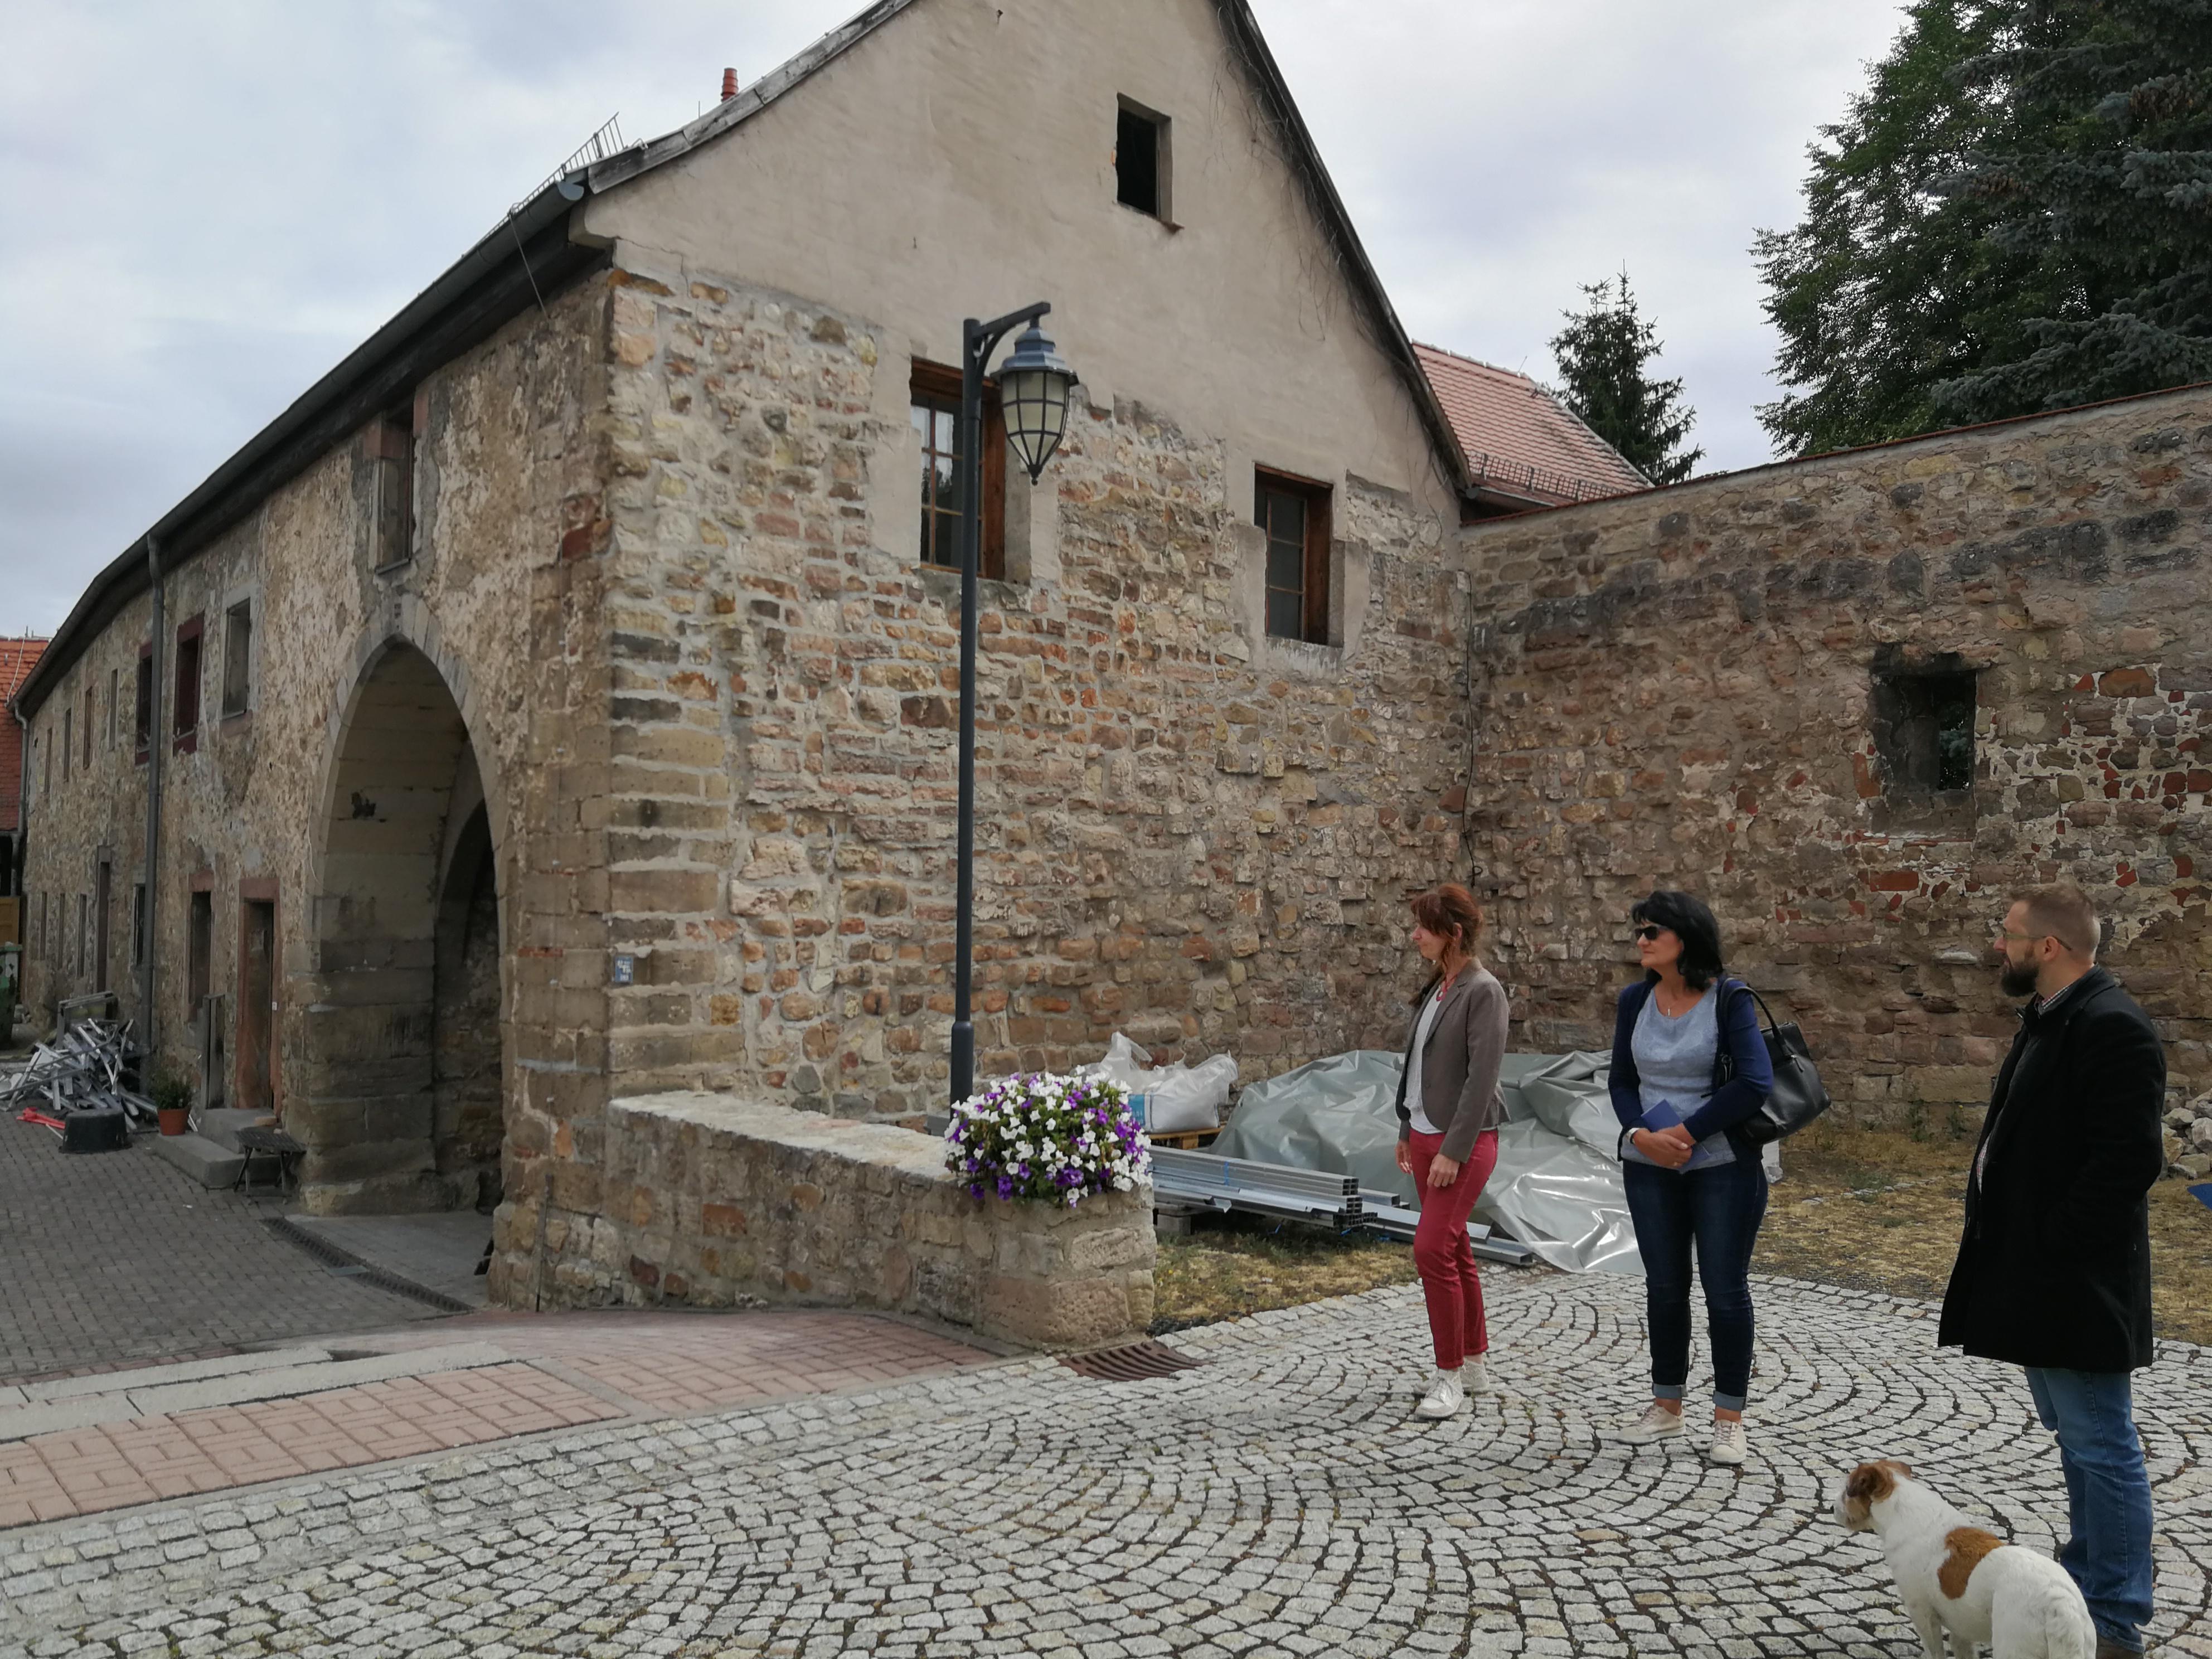 Rundfahrt Fachbeirat: Burg Tannroda, RAG Weimarer Land - Mittelthüringen e.V.